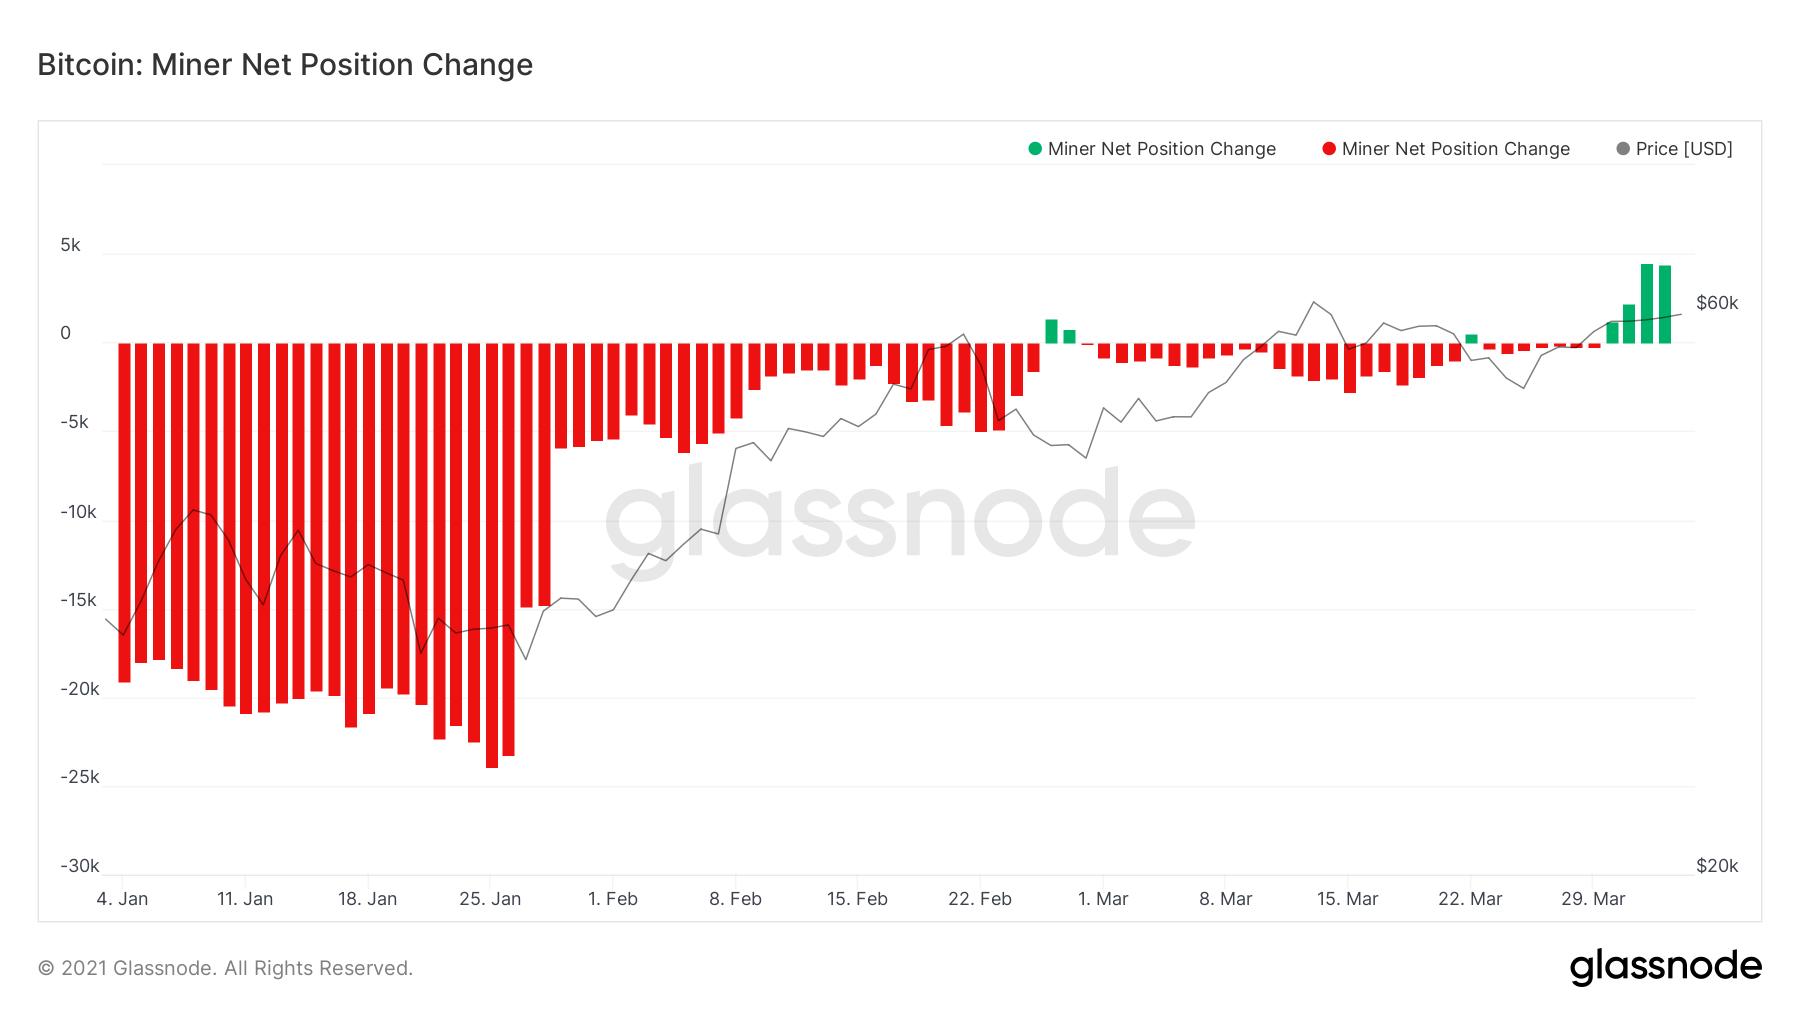 Cambiamenti netti delle posizioni in BTC dei miner